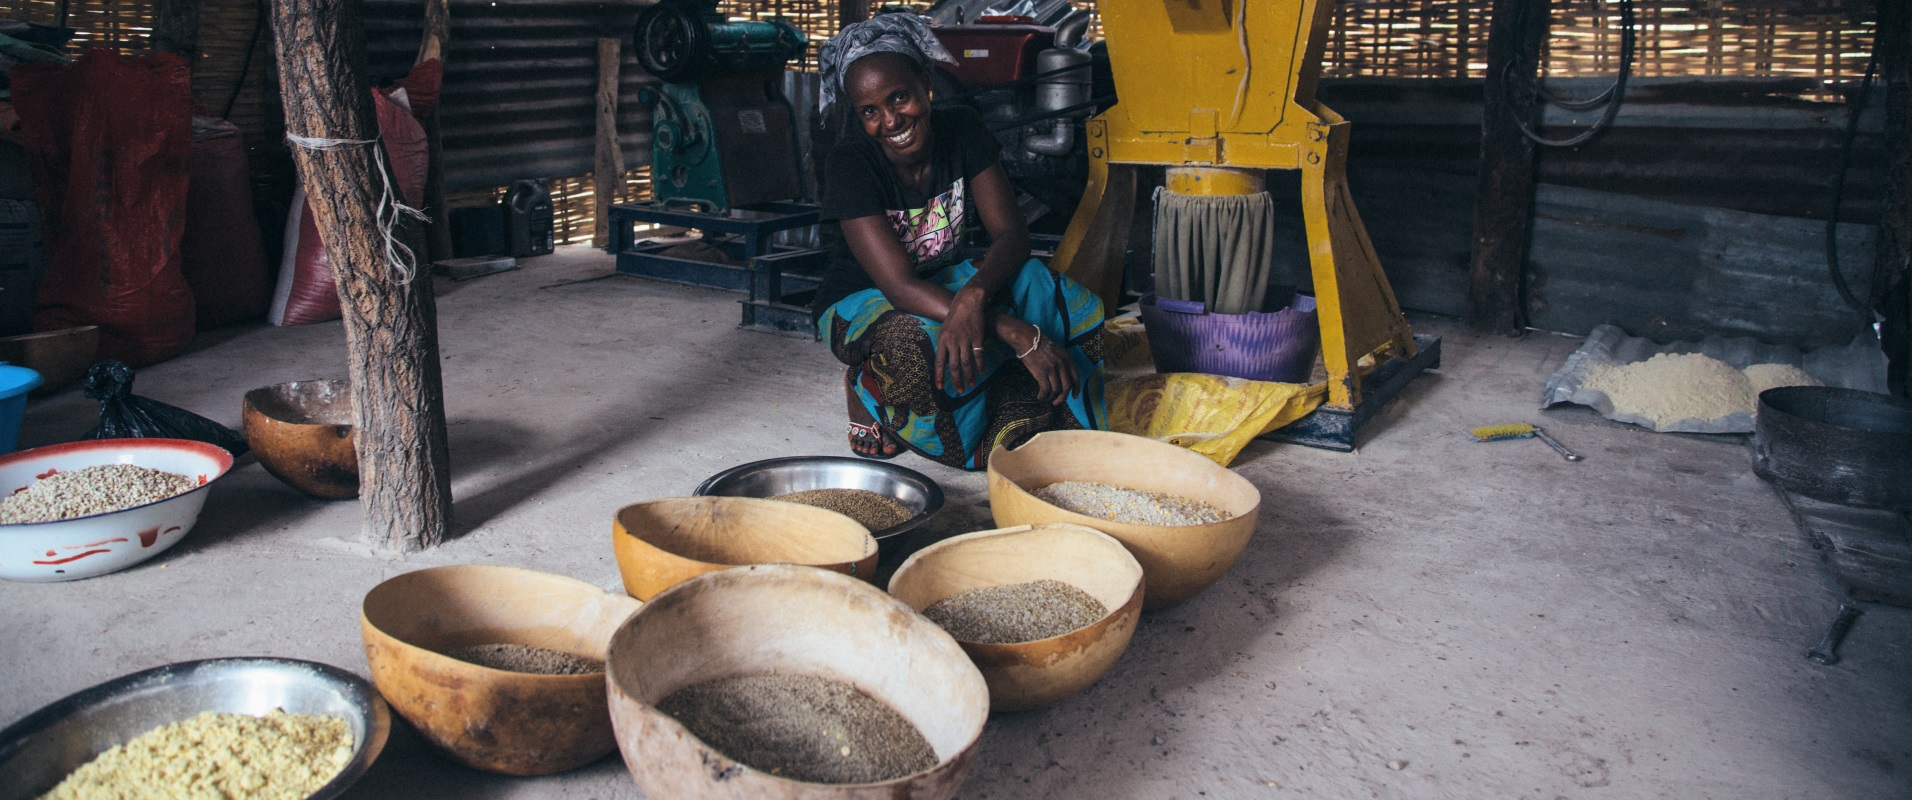 agri change kenya mani tese 2019